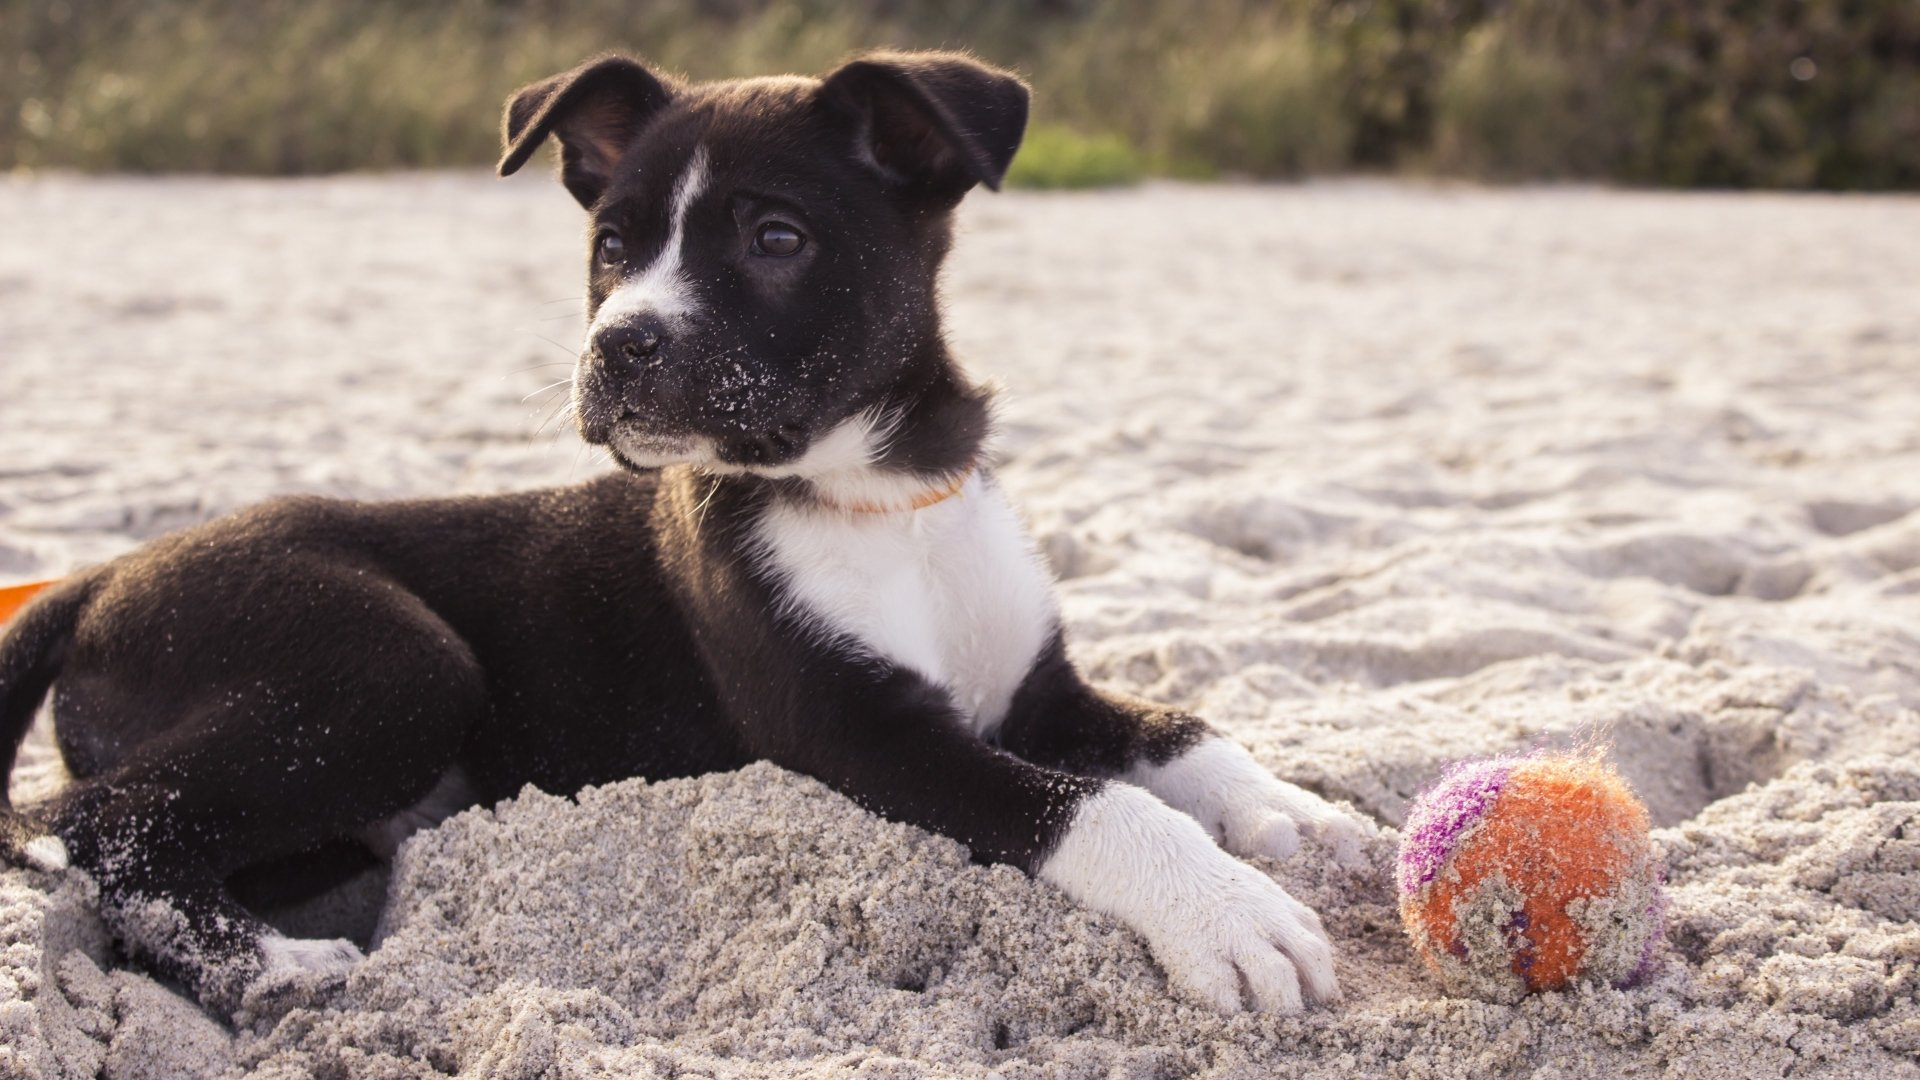 Animal - Puppy  Dog Beach Ball Sand Pet Wallpaper